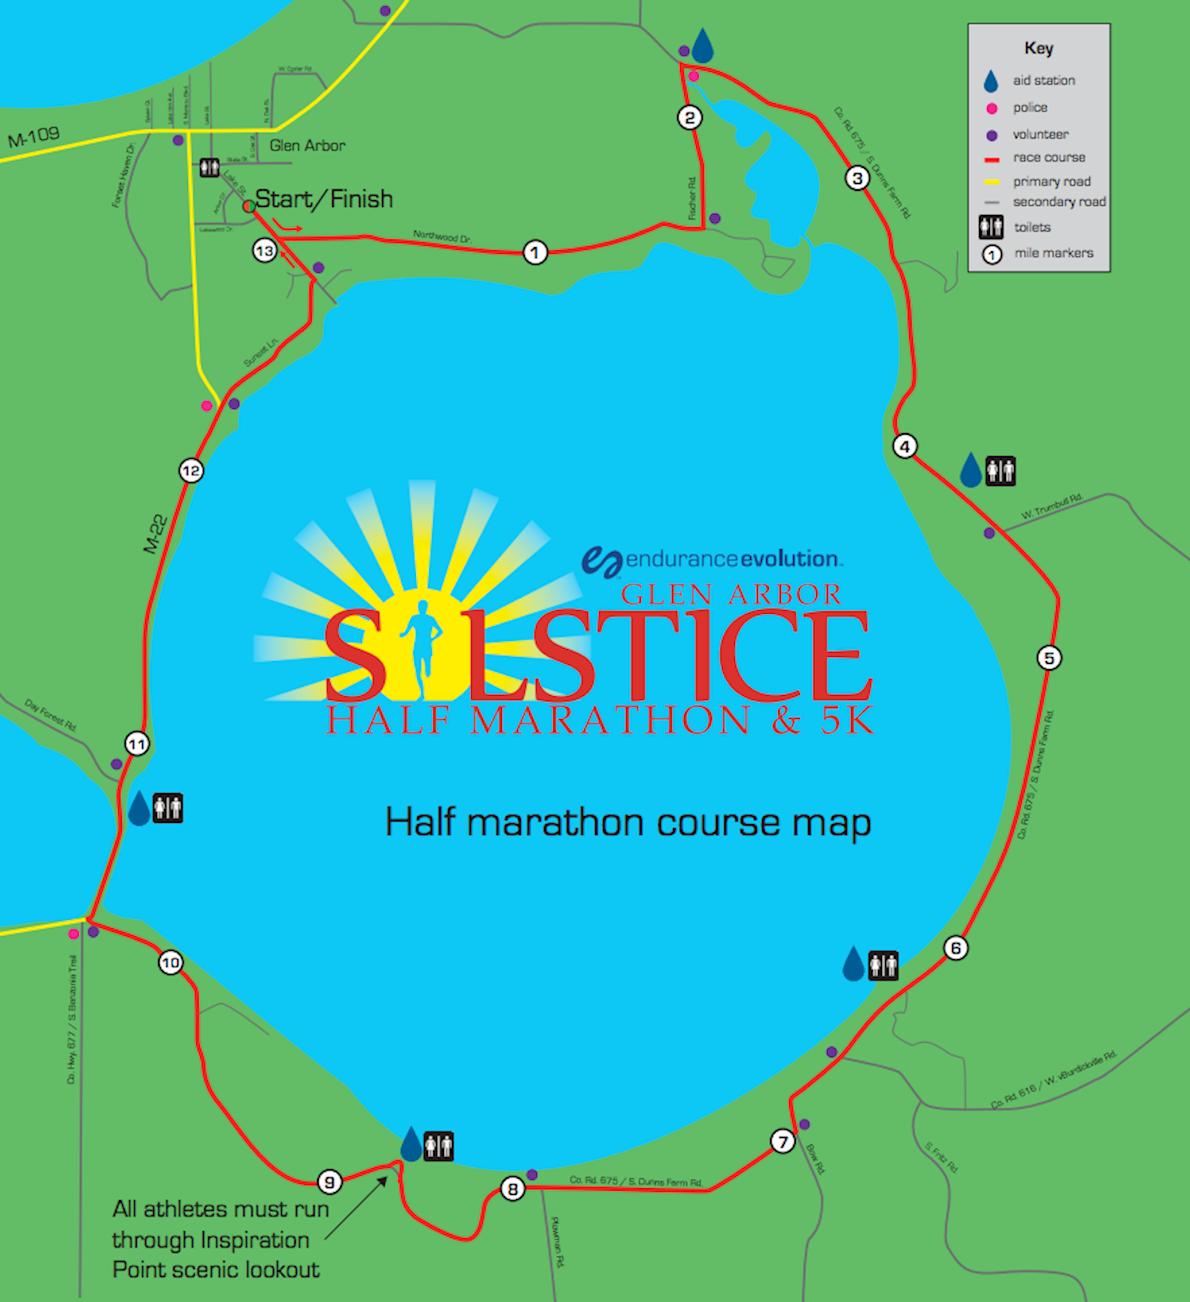 Glen Arbor Solstice Half Marathon & 5K MAPA DEL RECORRIDO DE